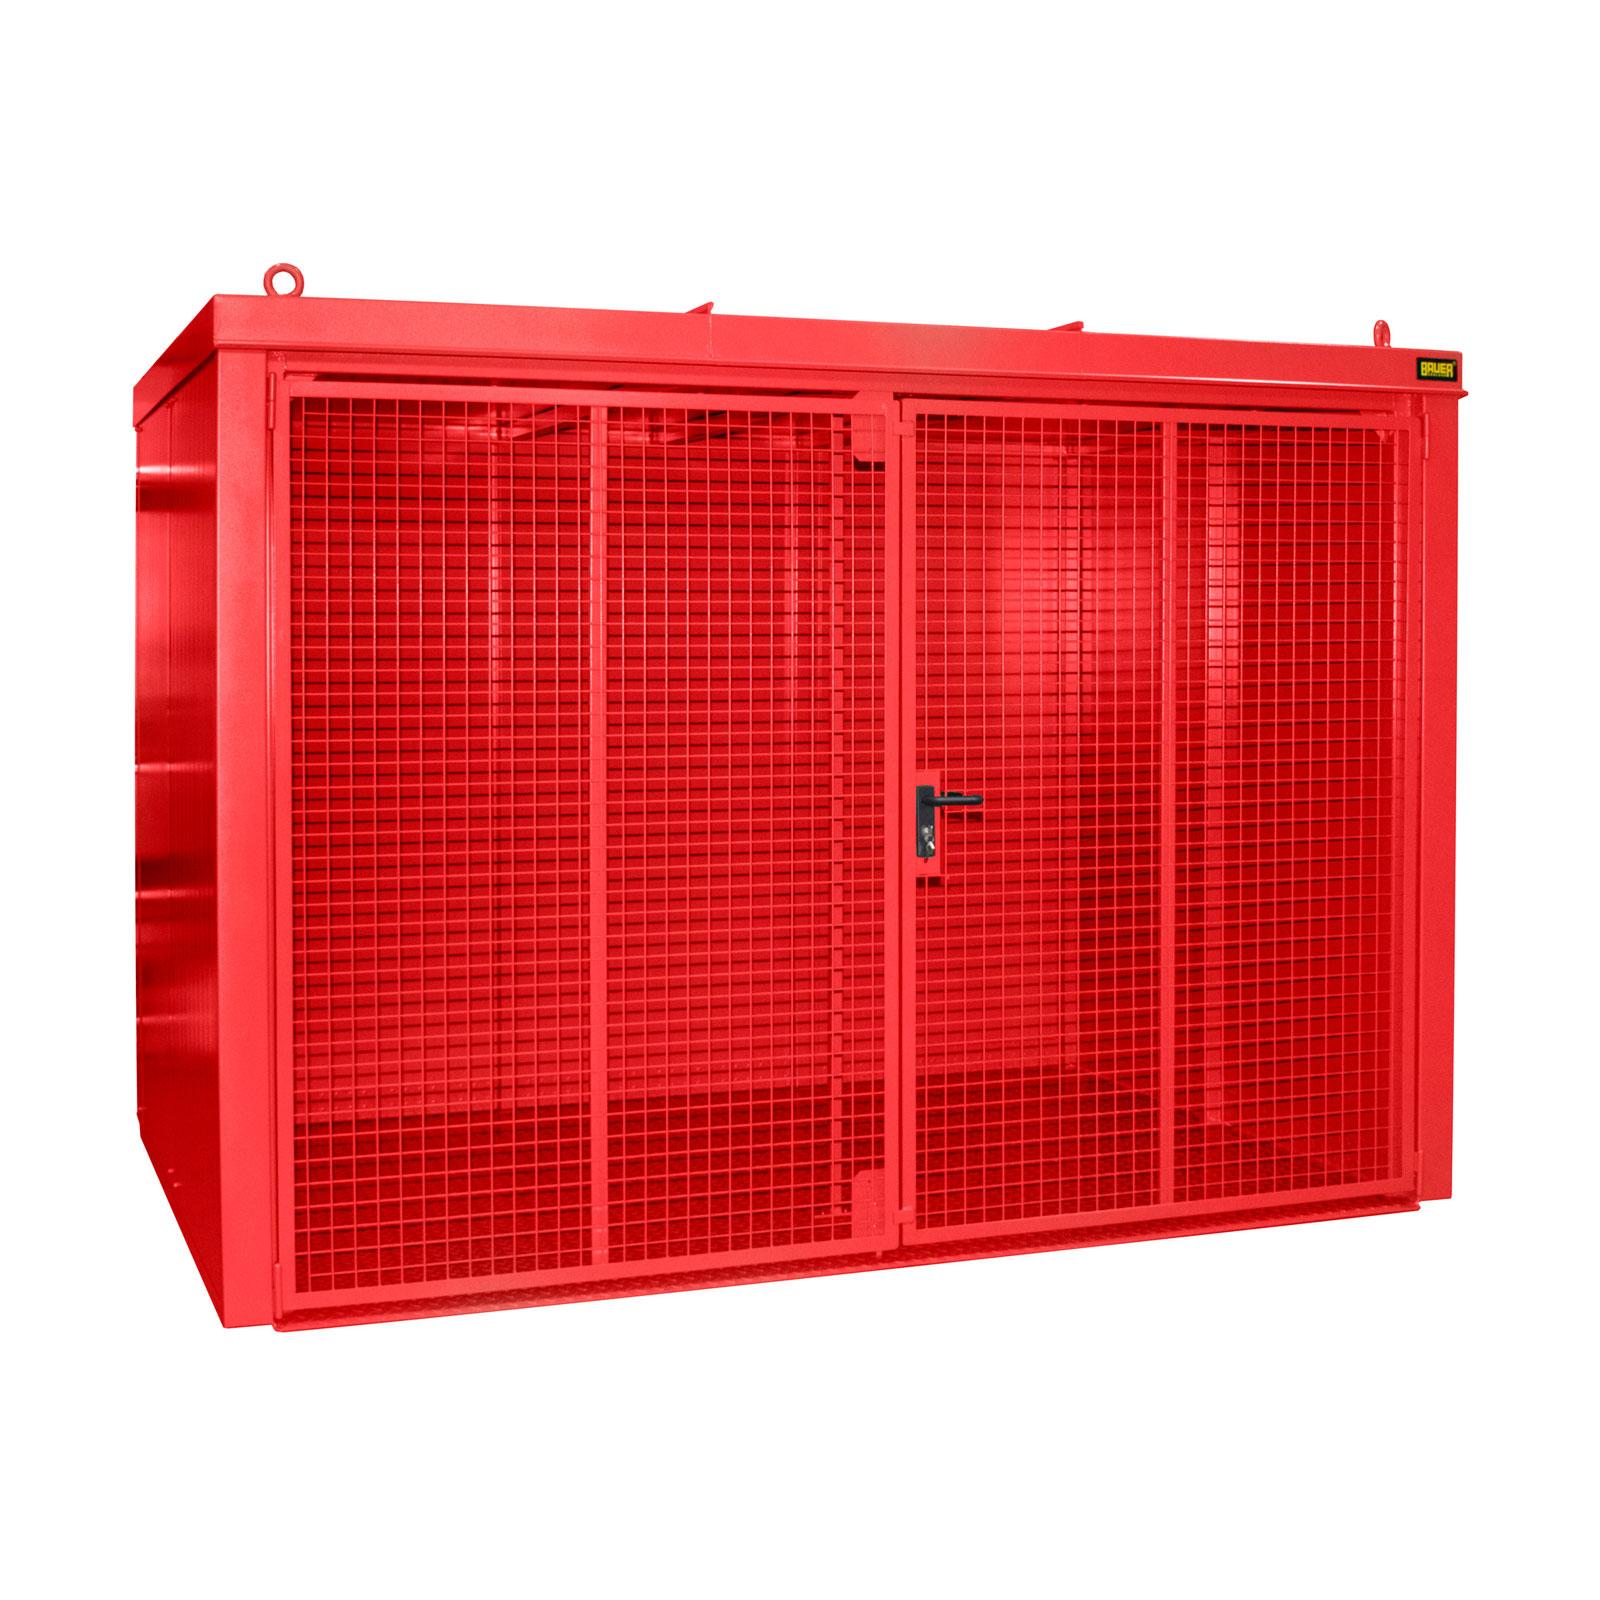 Bauer Gasflaschen-Container GFC-B M5, Feuerrot für 96x Gasflaschen Ø 230 mm 4477-35-0000-2